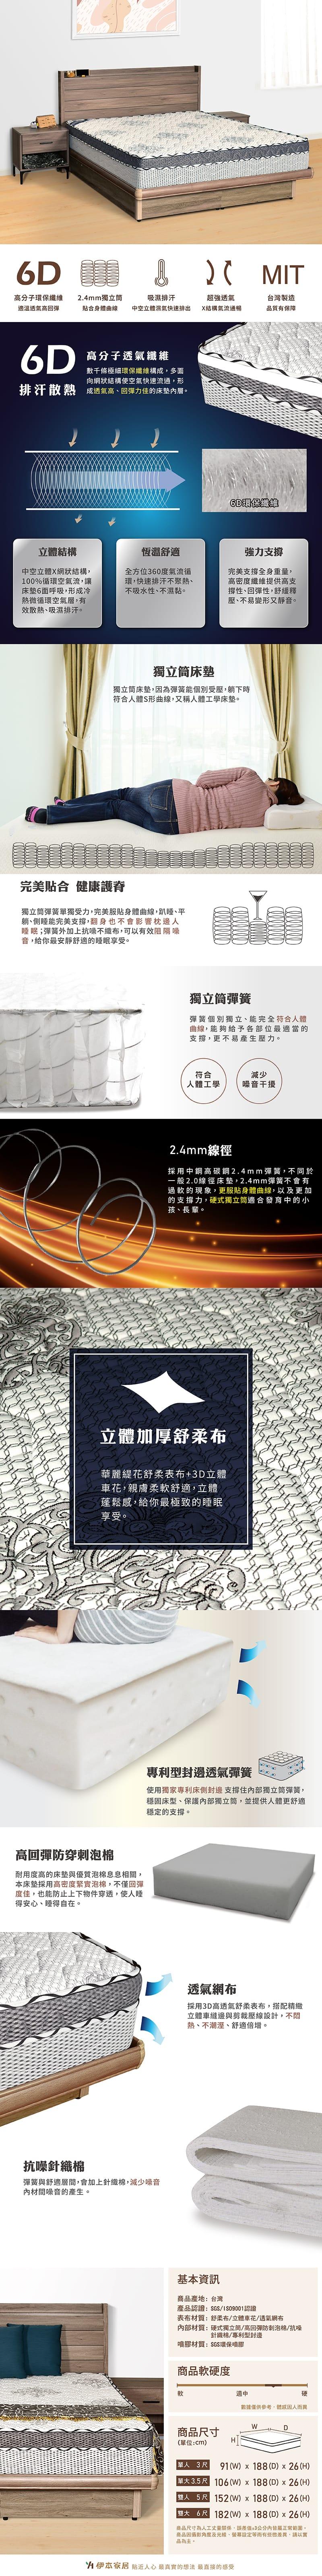 防蹣硬式獨立筒床墊 雙人加大6尺(金剛系列)